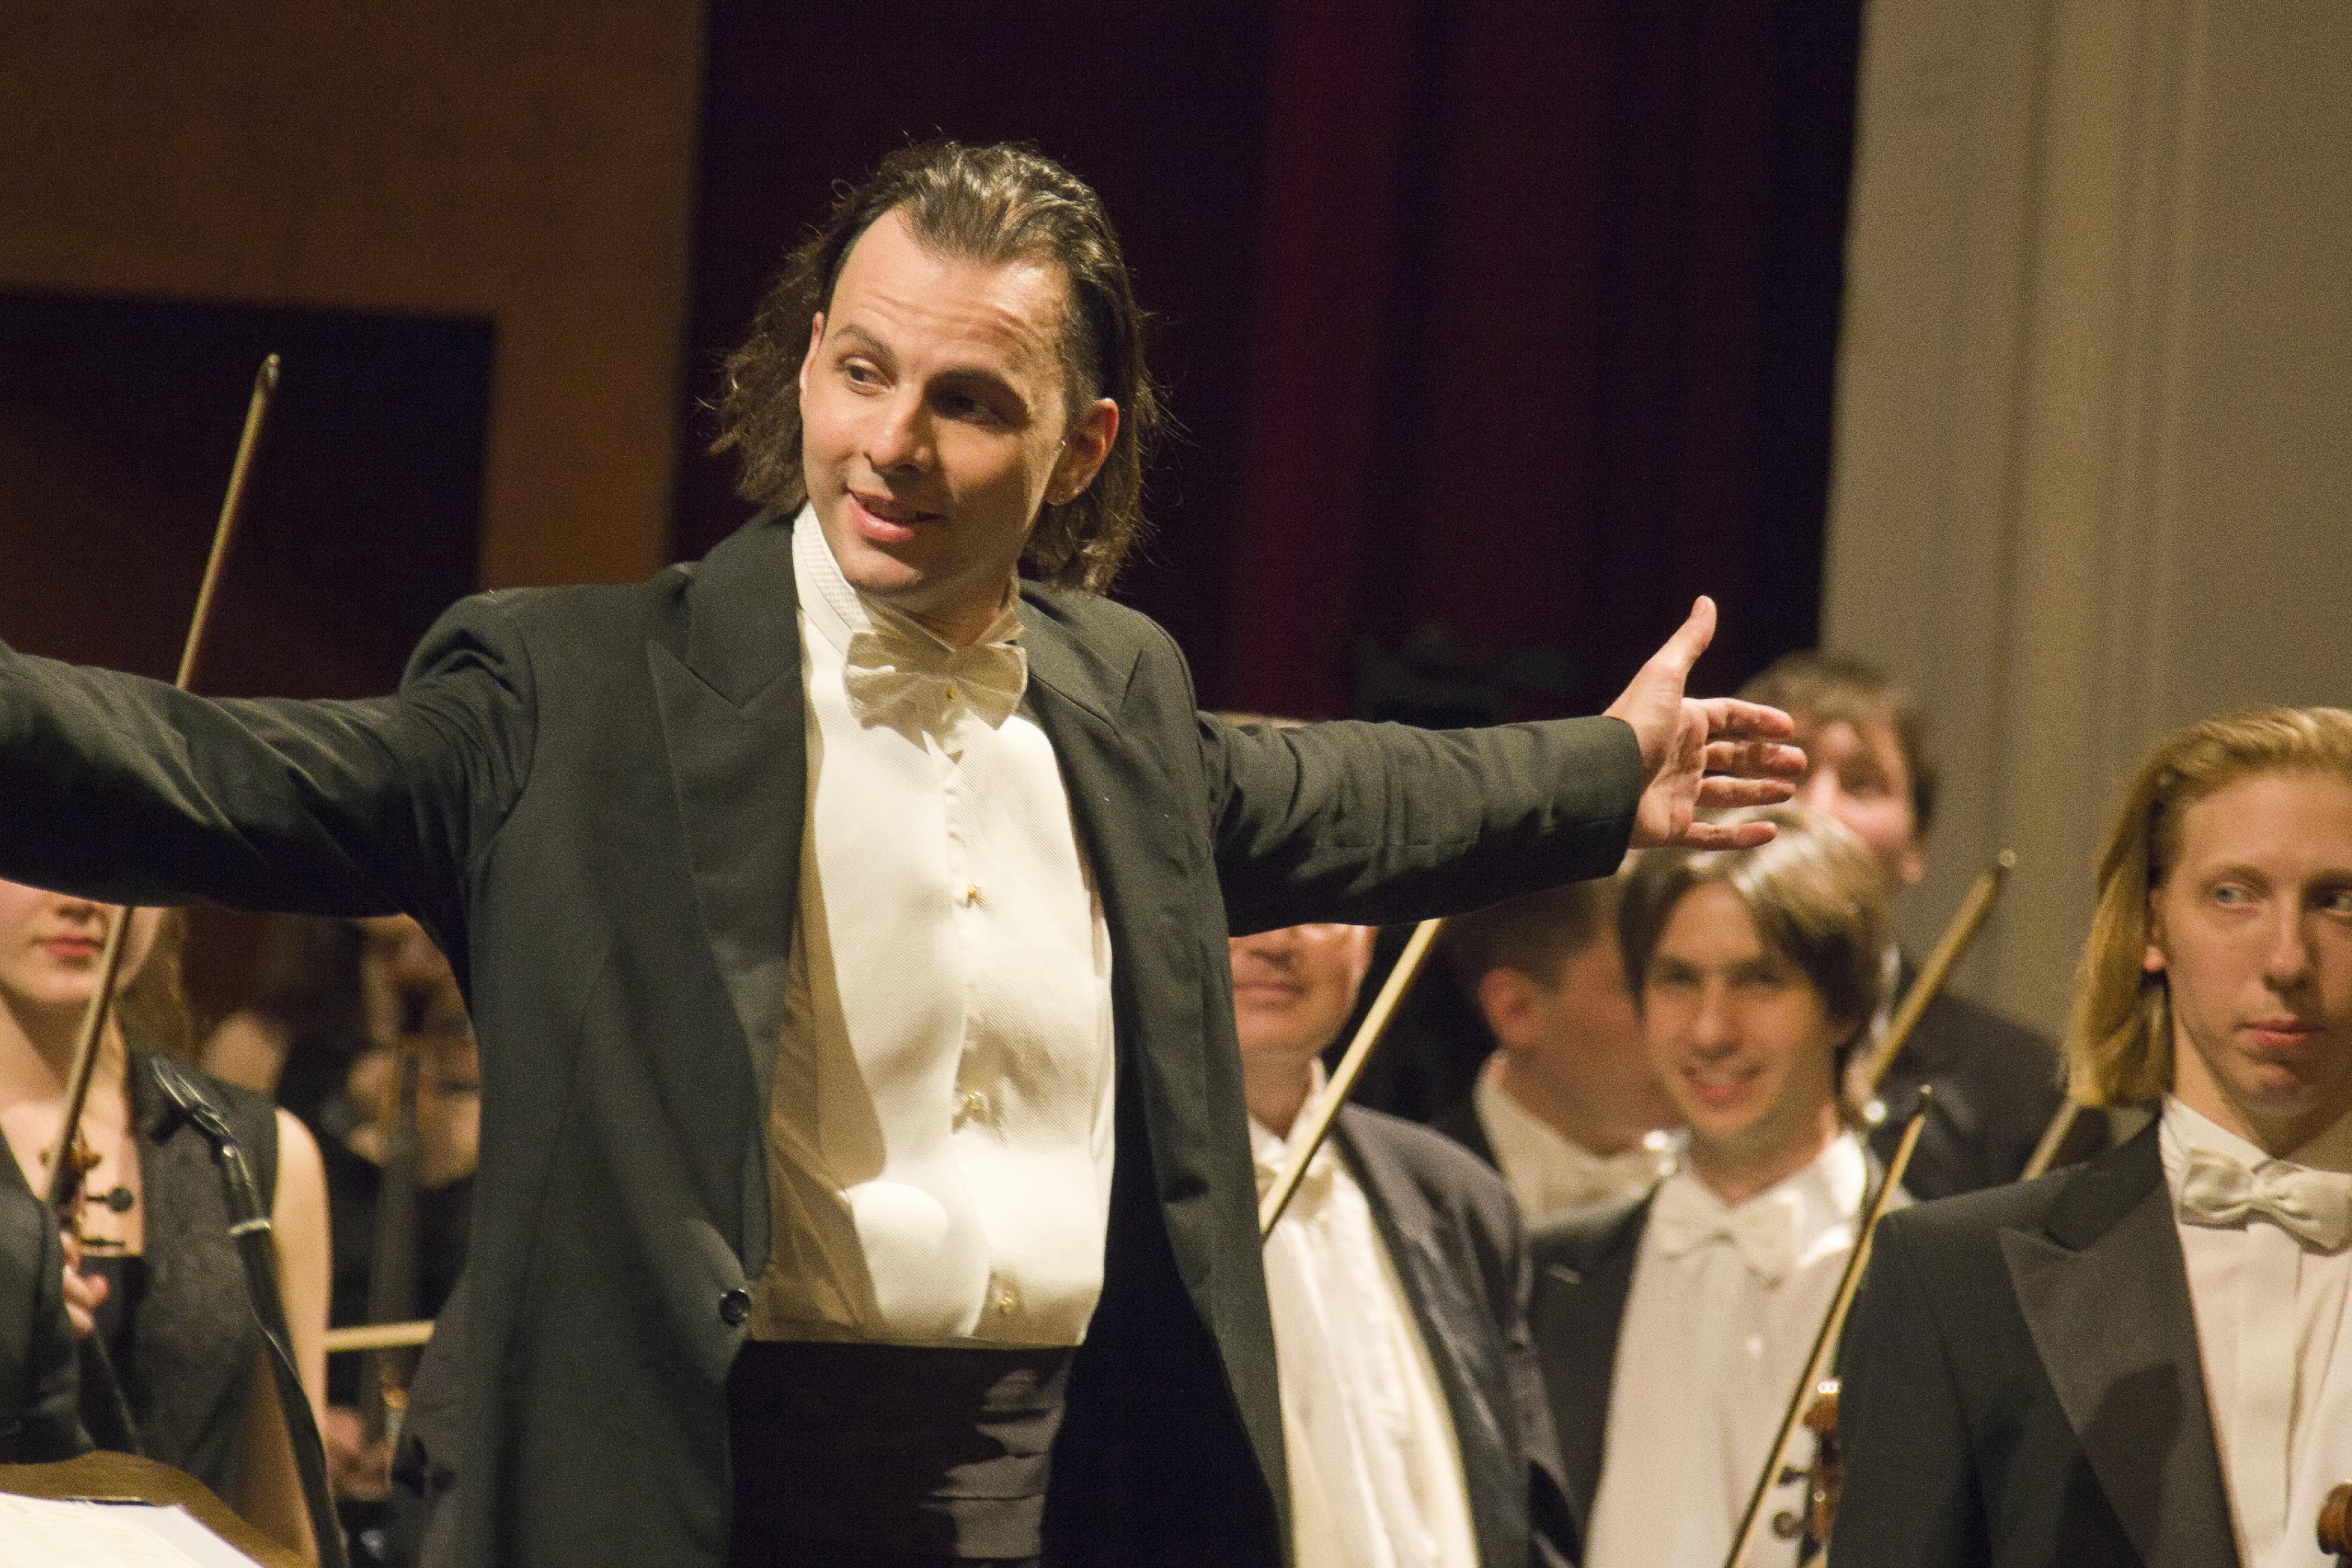 Теодор Курентзис соркестром исполнят для жителей столицы музыку избалета «Золушка»